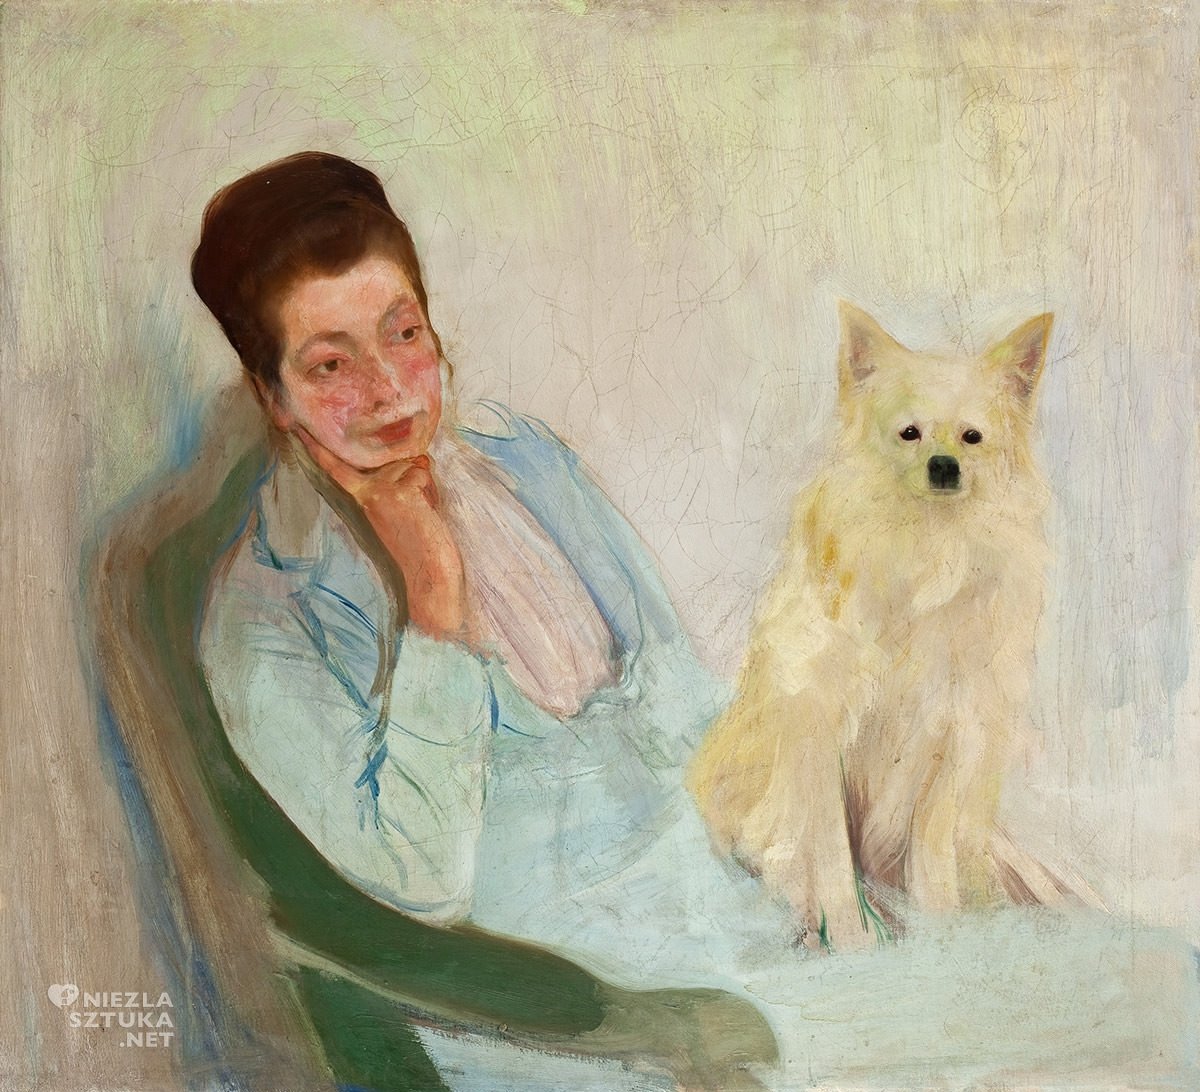 Konrad Krzyżanowski, Portret żony z pieskiem, Michalina Krzyżanowska, sztuka polska, Niezła sztuka